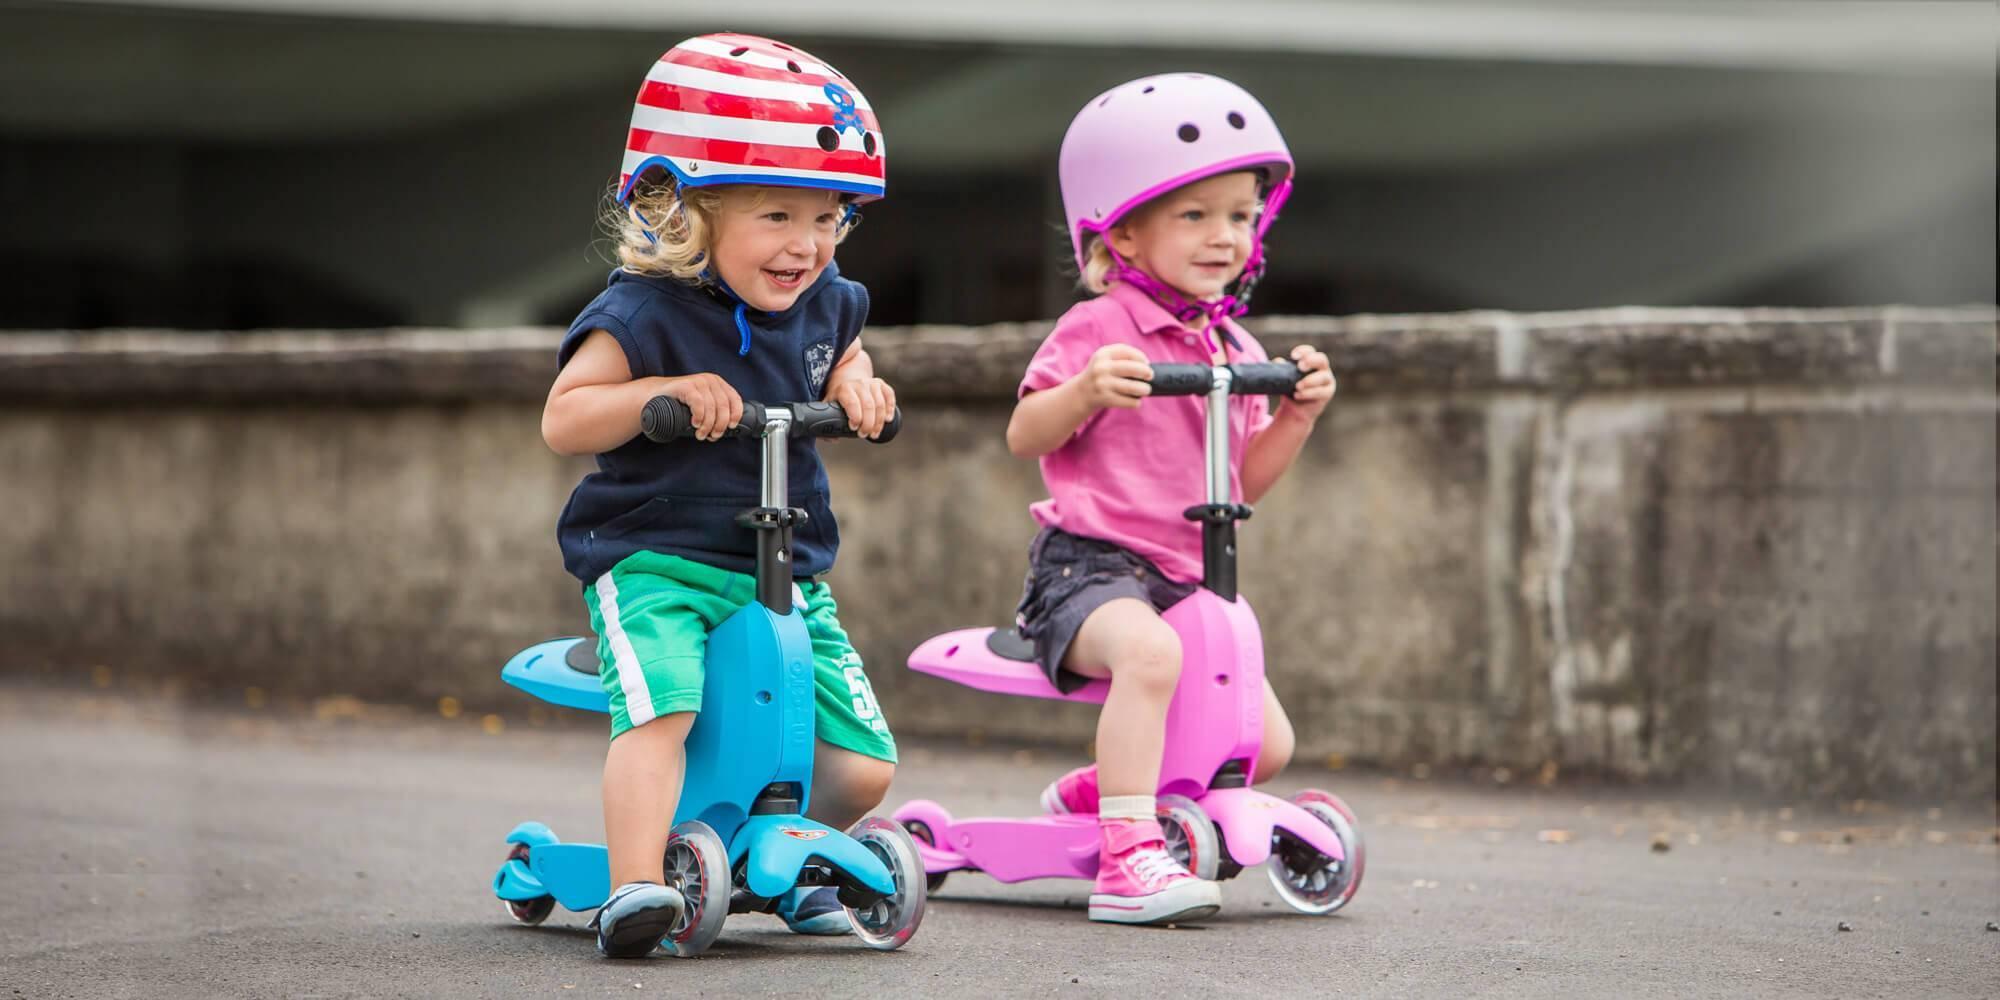 Как выбрать самокат для ребенка 5 лет: рейтинг двухколесных моделей для девочек и мальчиков от 6 лет, какой выбрать с большими колесами, топ